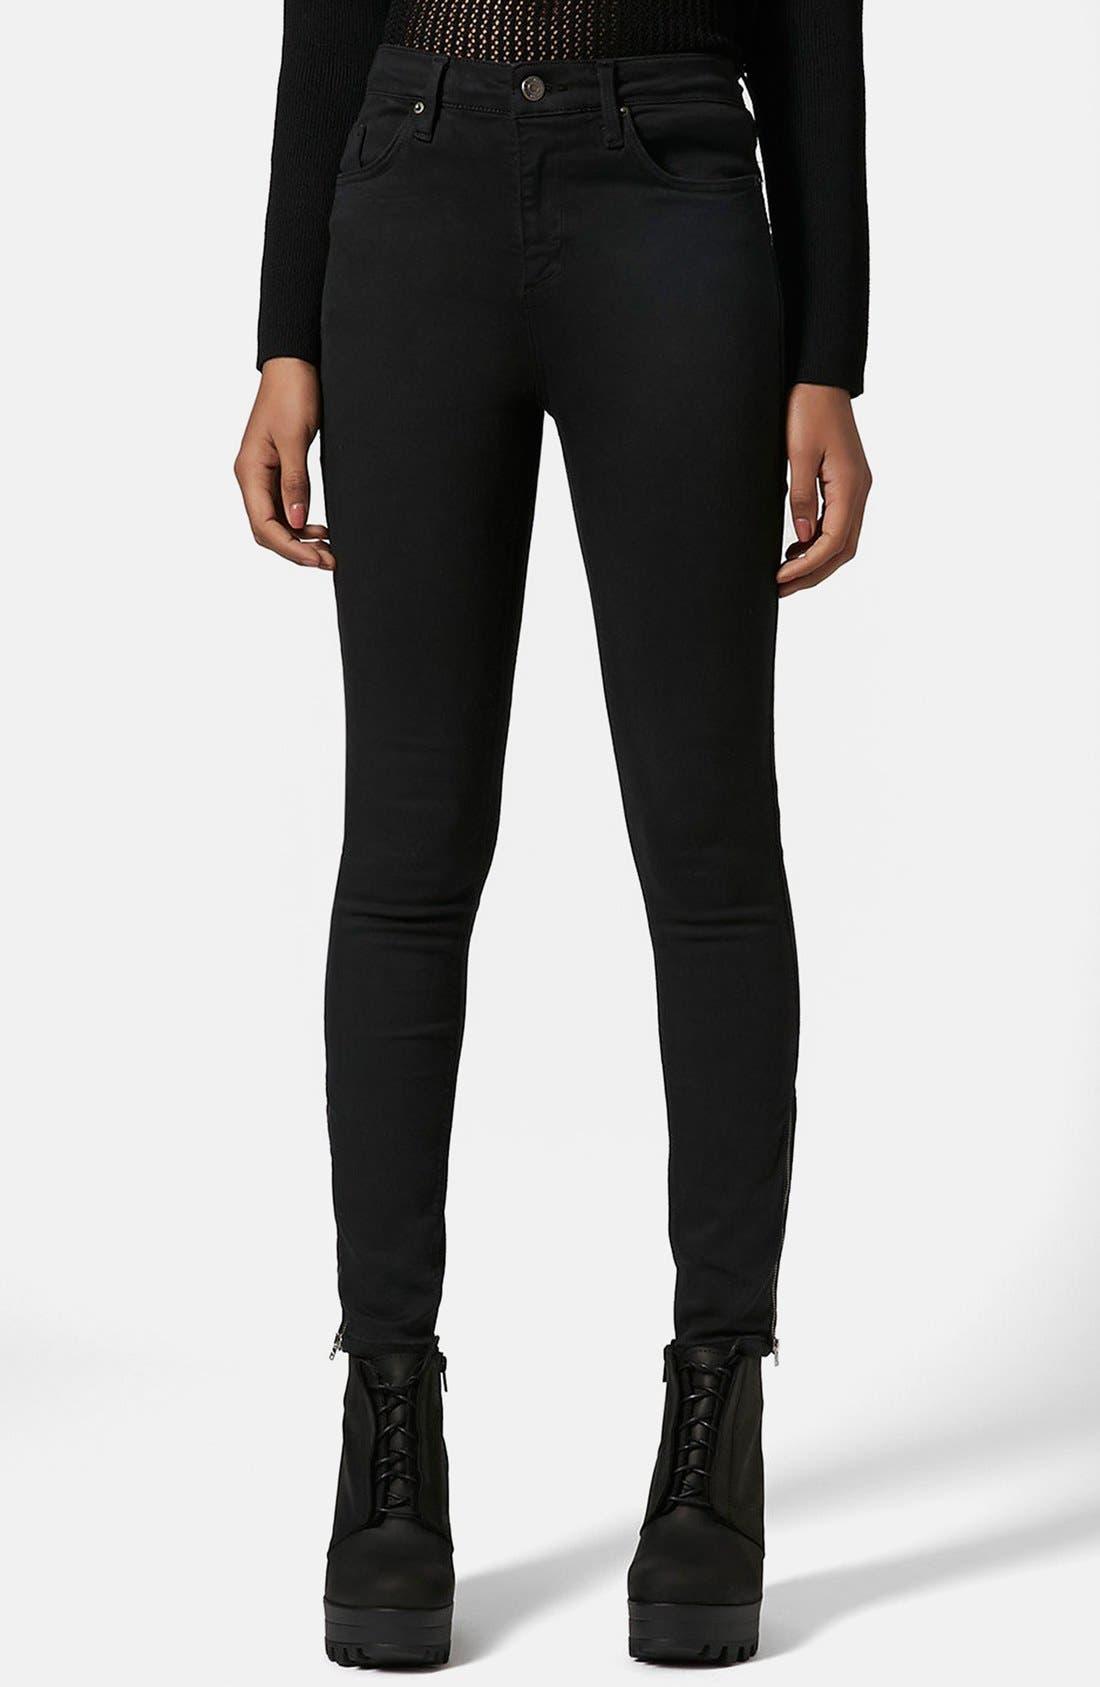 Alternate Image 1 Selected - Topshop Moto 'Jamie' Ankle Zip Skinny Jeans (Black) (Regular & Short)